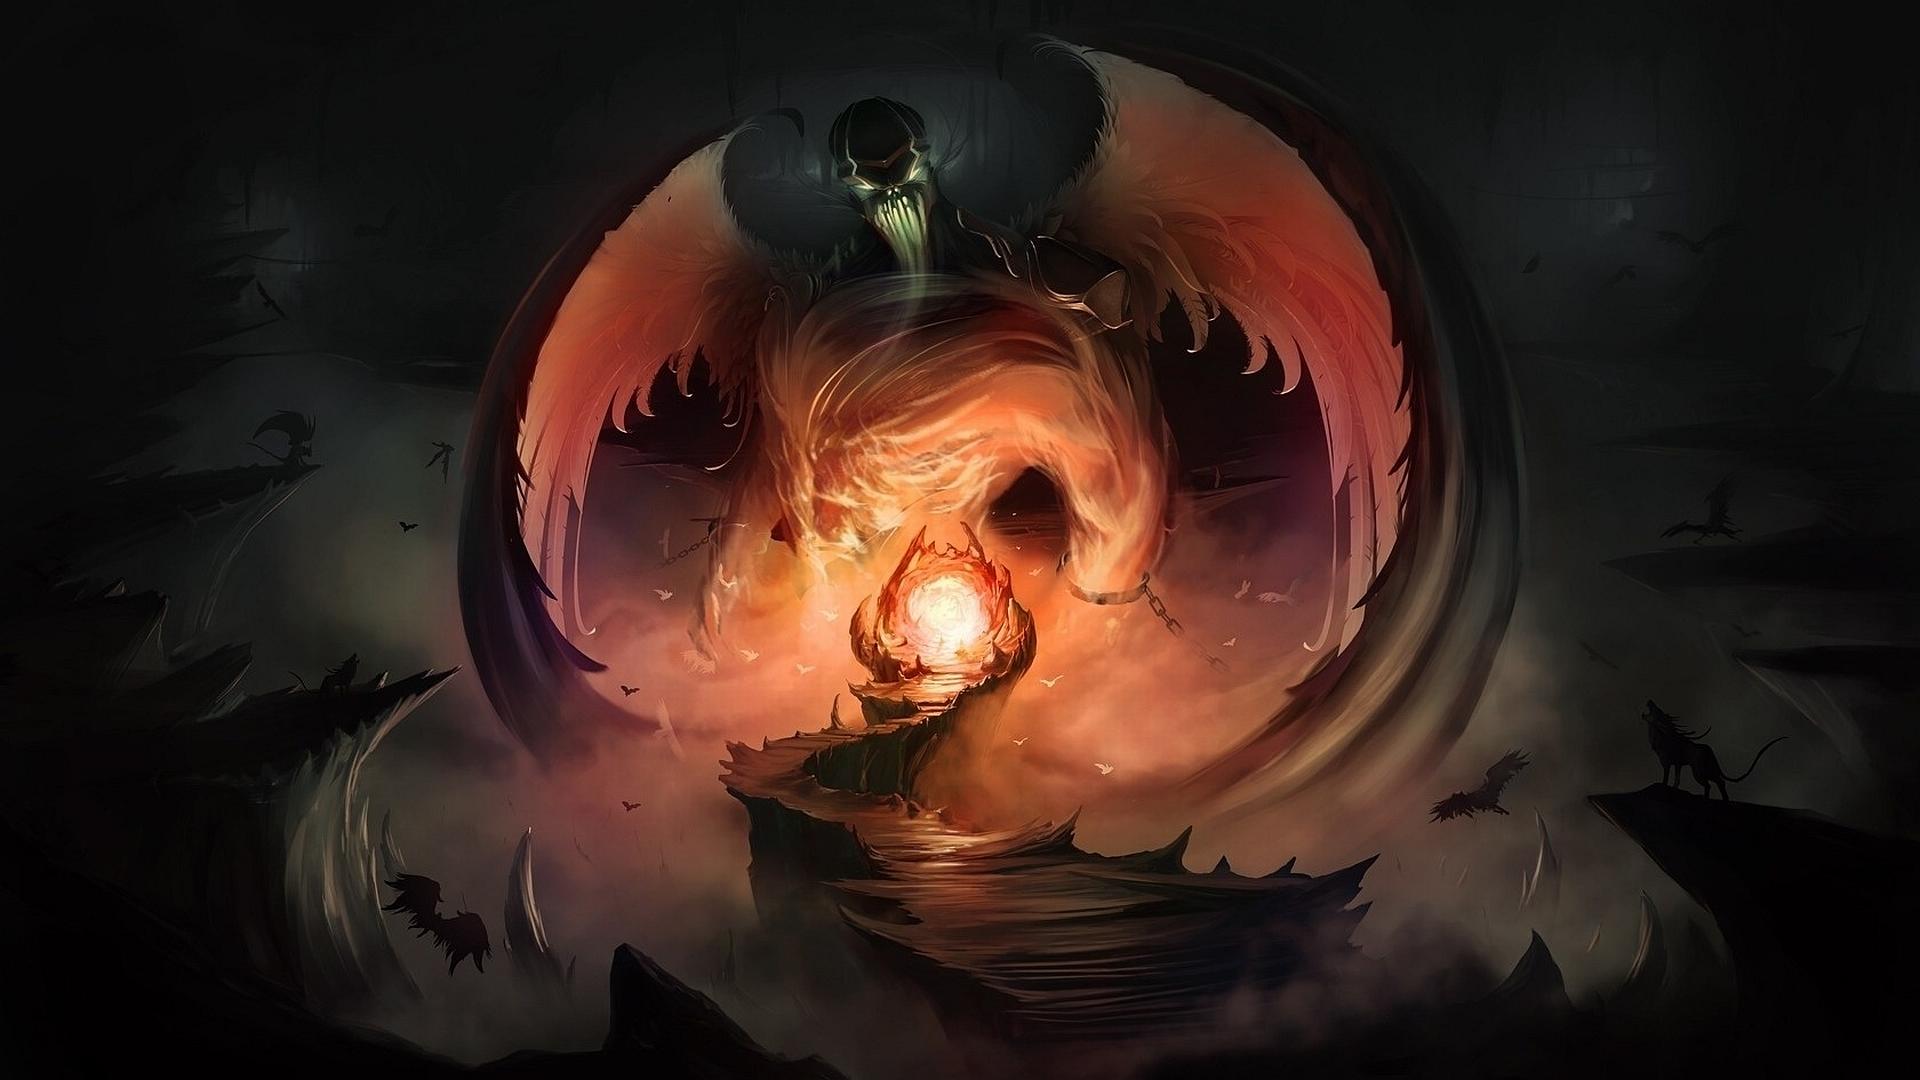 dark fantasy horror demon hell satan wallpaper background